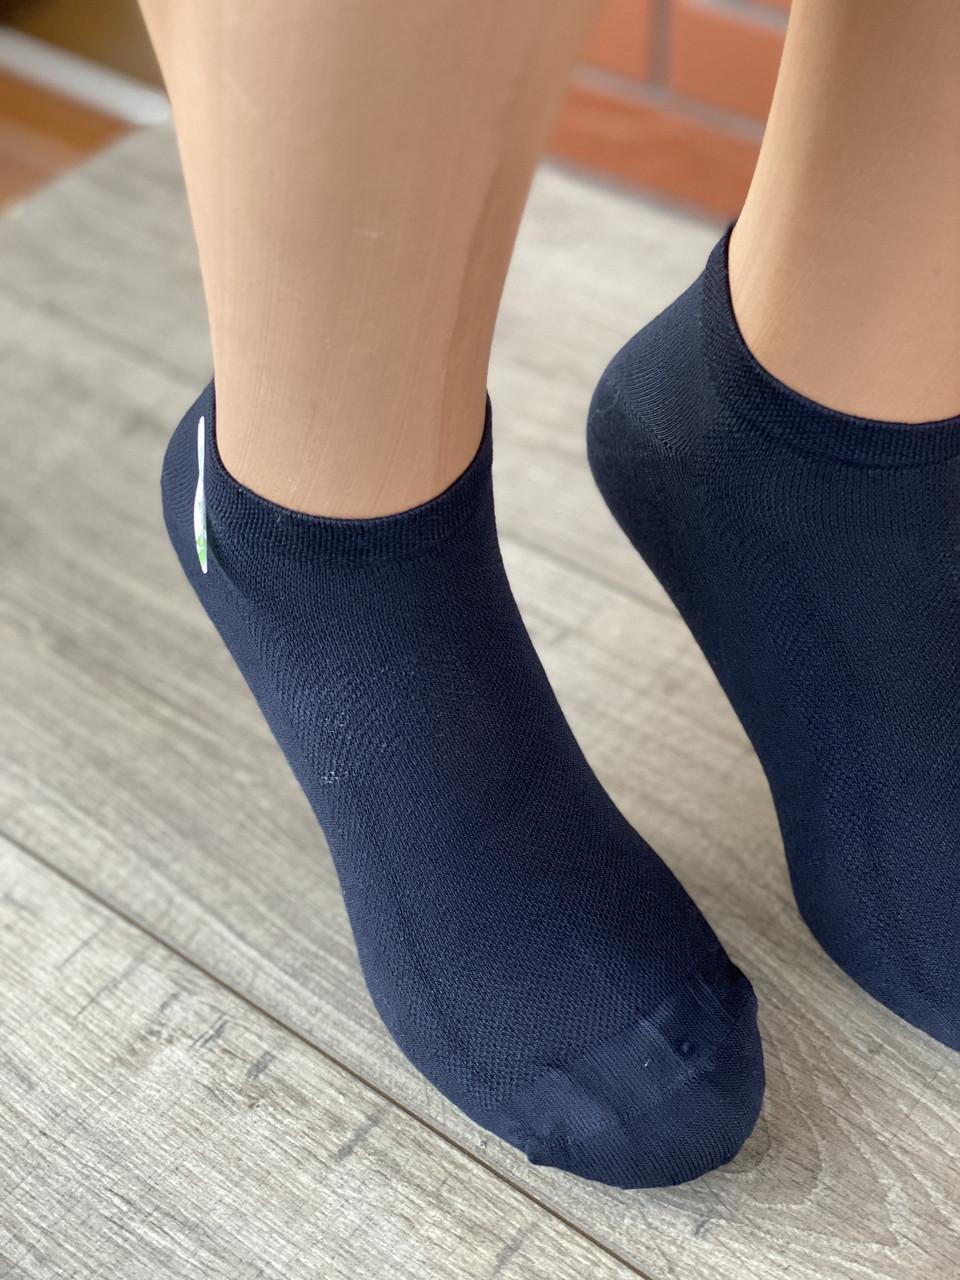 Чоловічі шкарпетки короткі бамбук BYT однотонні в сітку 40-45 12 шт в уп чорні білі світло сірі сині бежеві